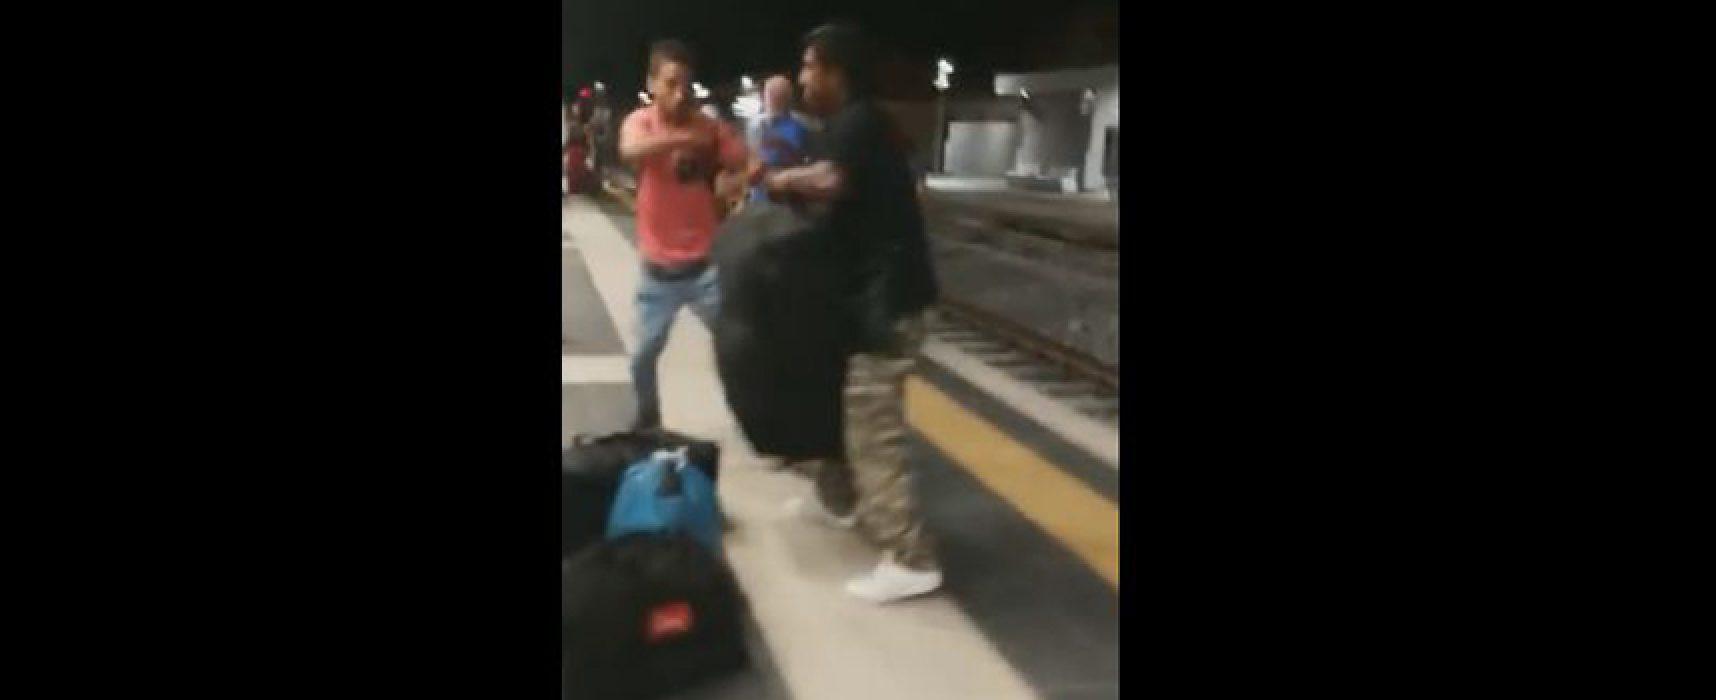 Rissa stazione, anche Giorgia Meloni condivide il video e stigmatizza l'episodio